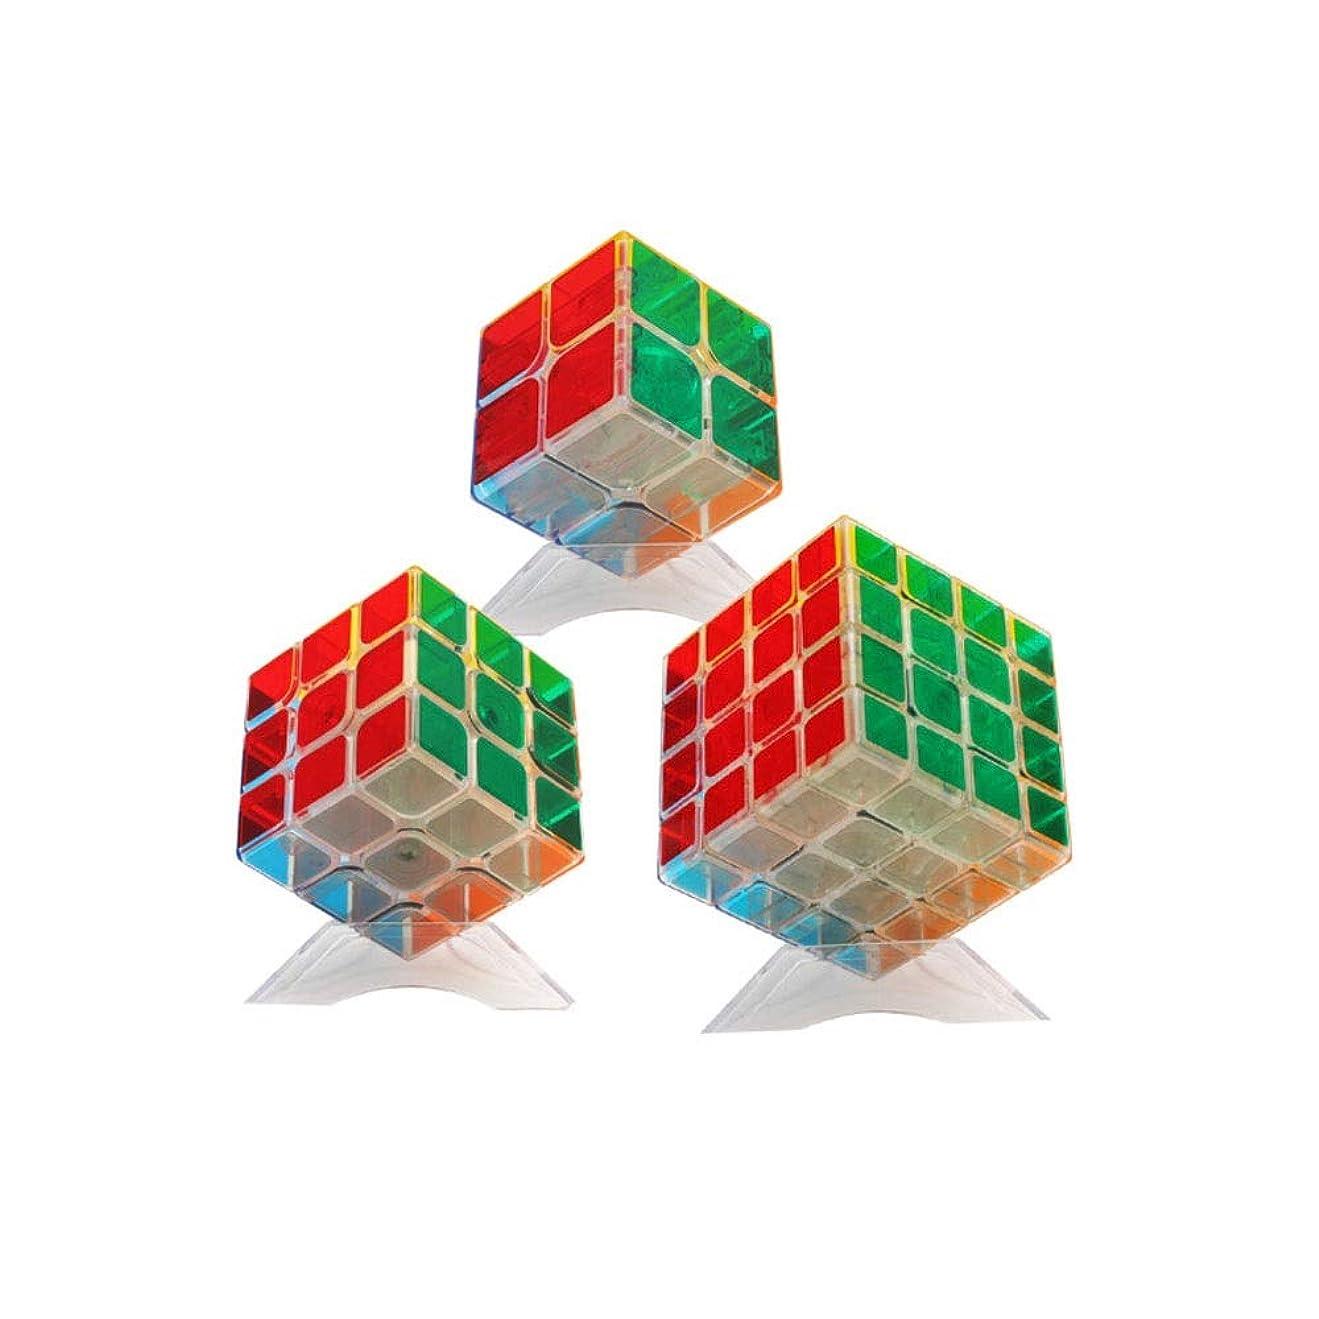 メロドラマティック研磨剤二週間ルービックキューブ、透明ABS素材で作られたルービックキューブ、指を柔軟にし、使いやすくする(2次から4次) (Edition : Second order~fourth order)